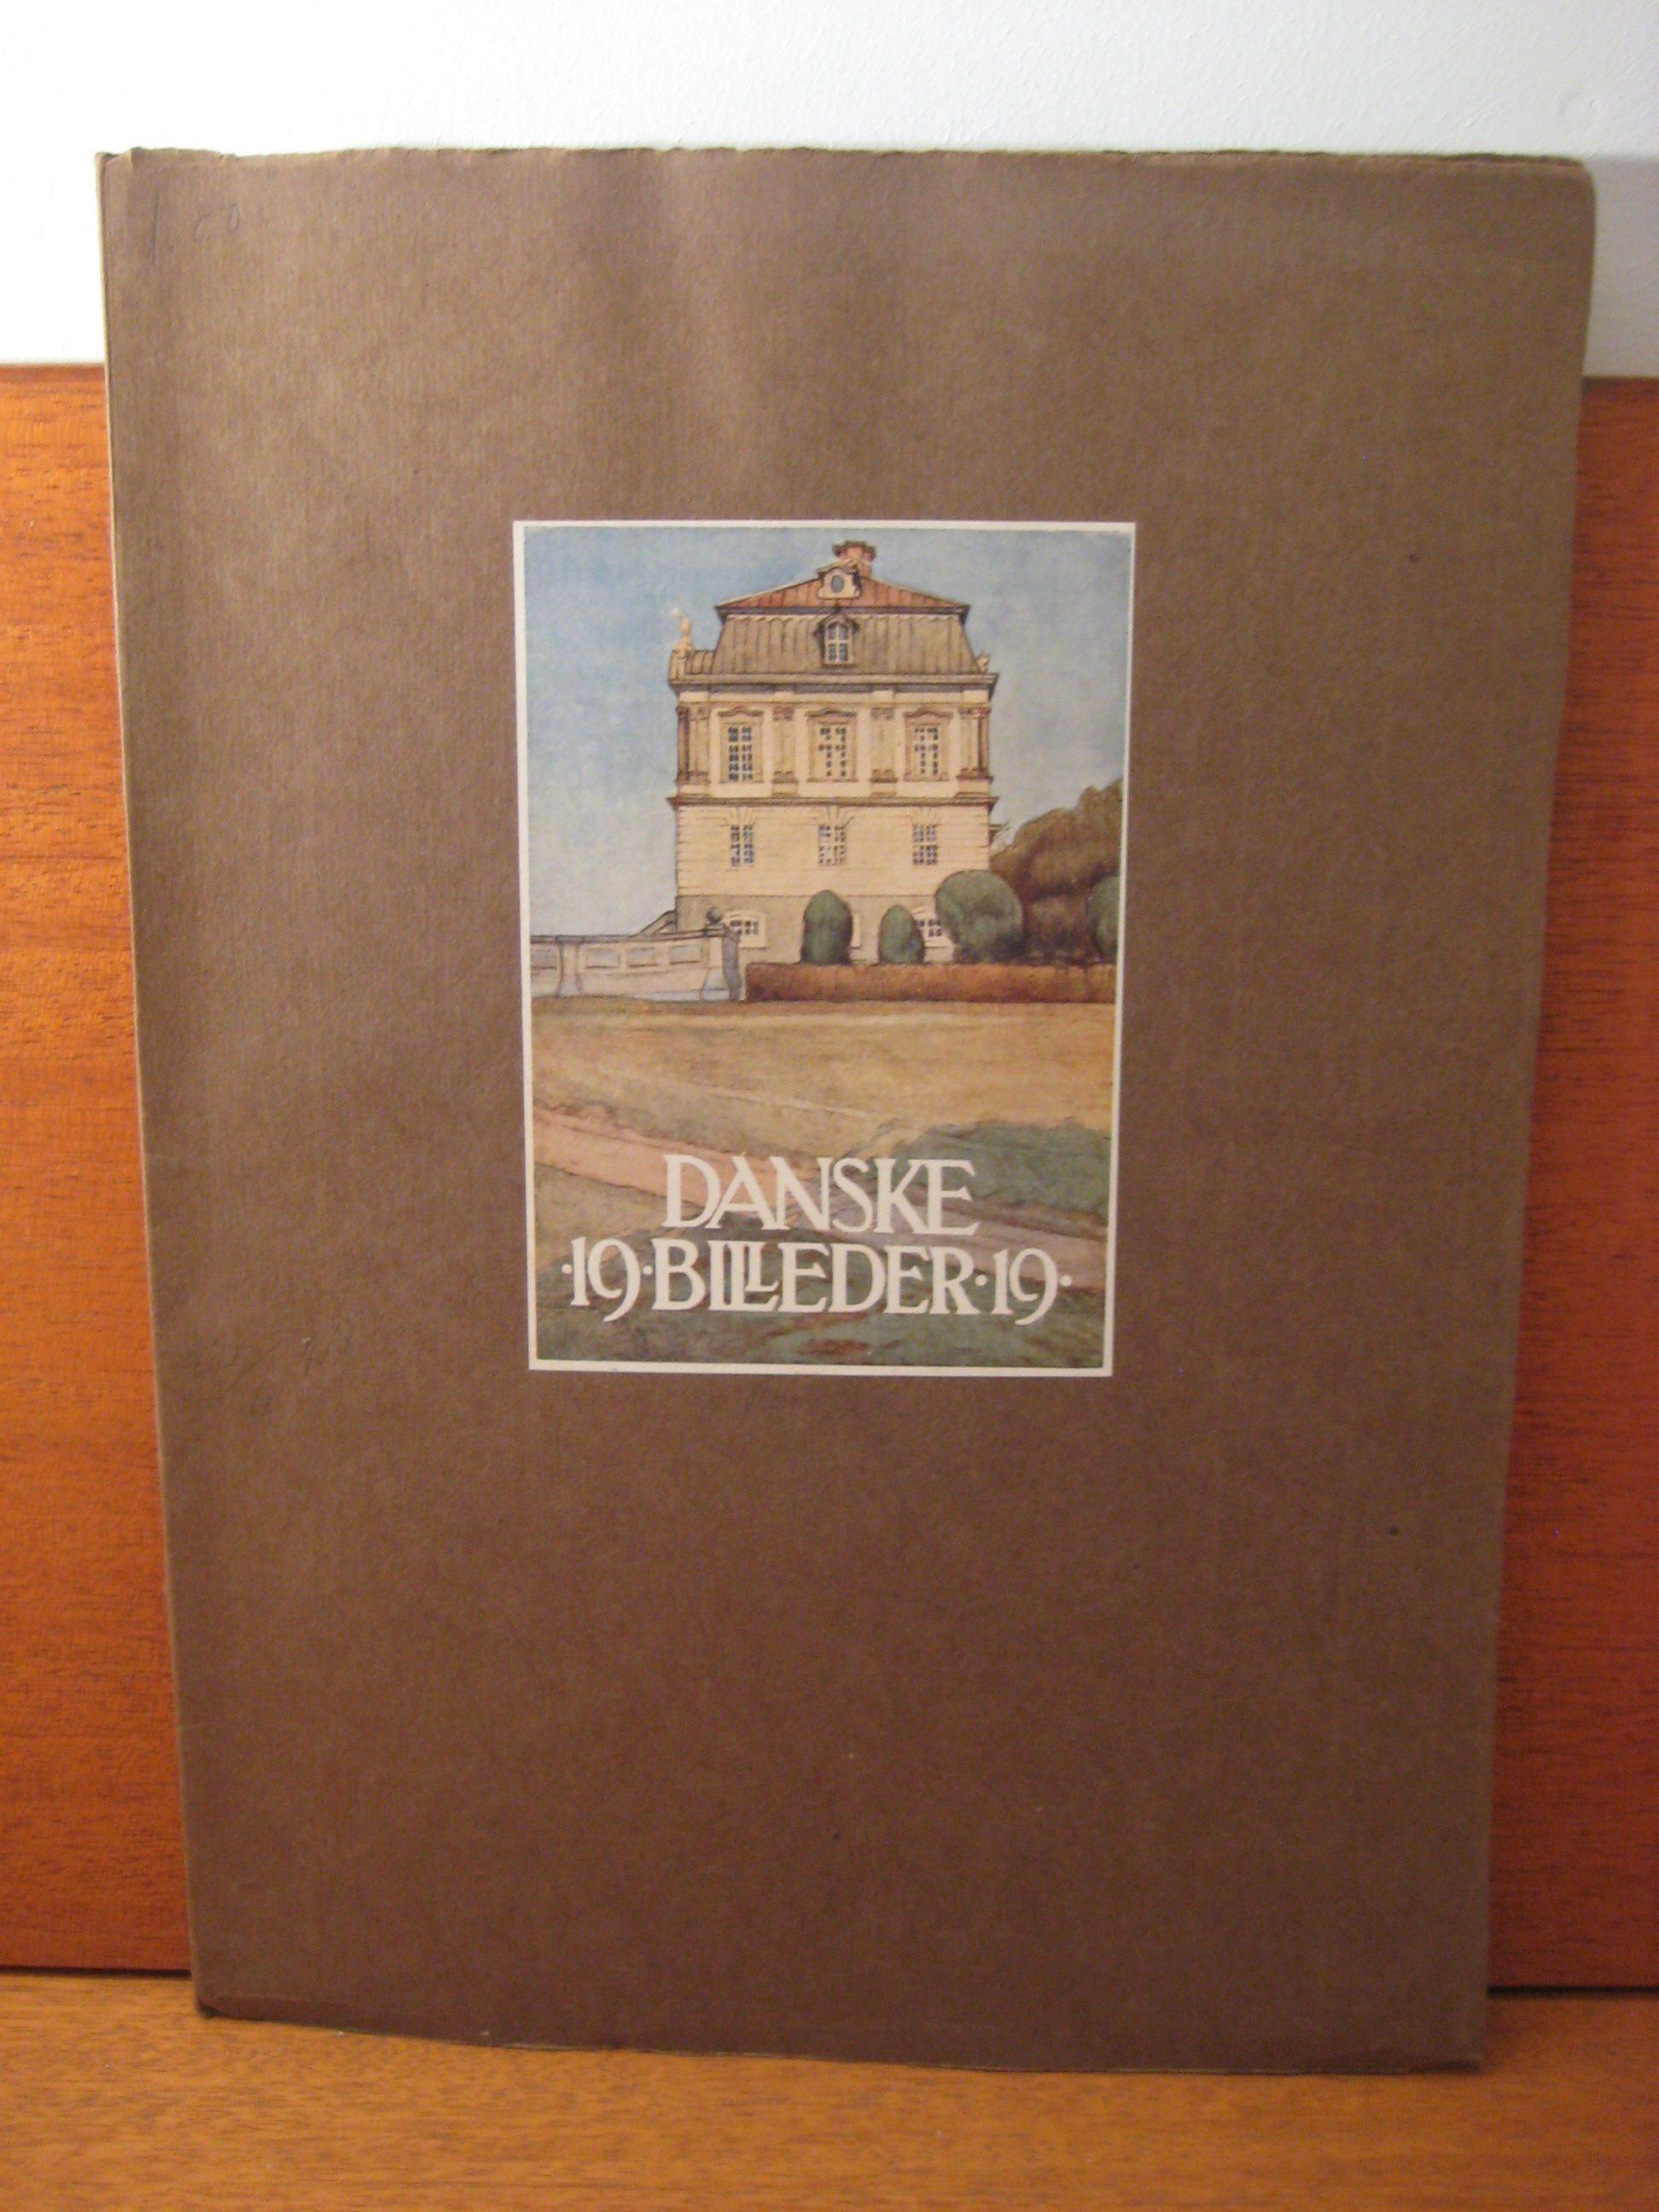 Danske billeder 1919